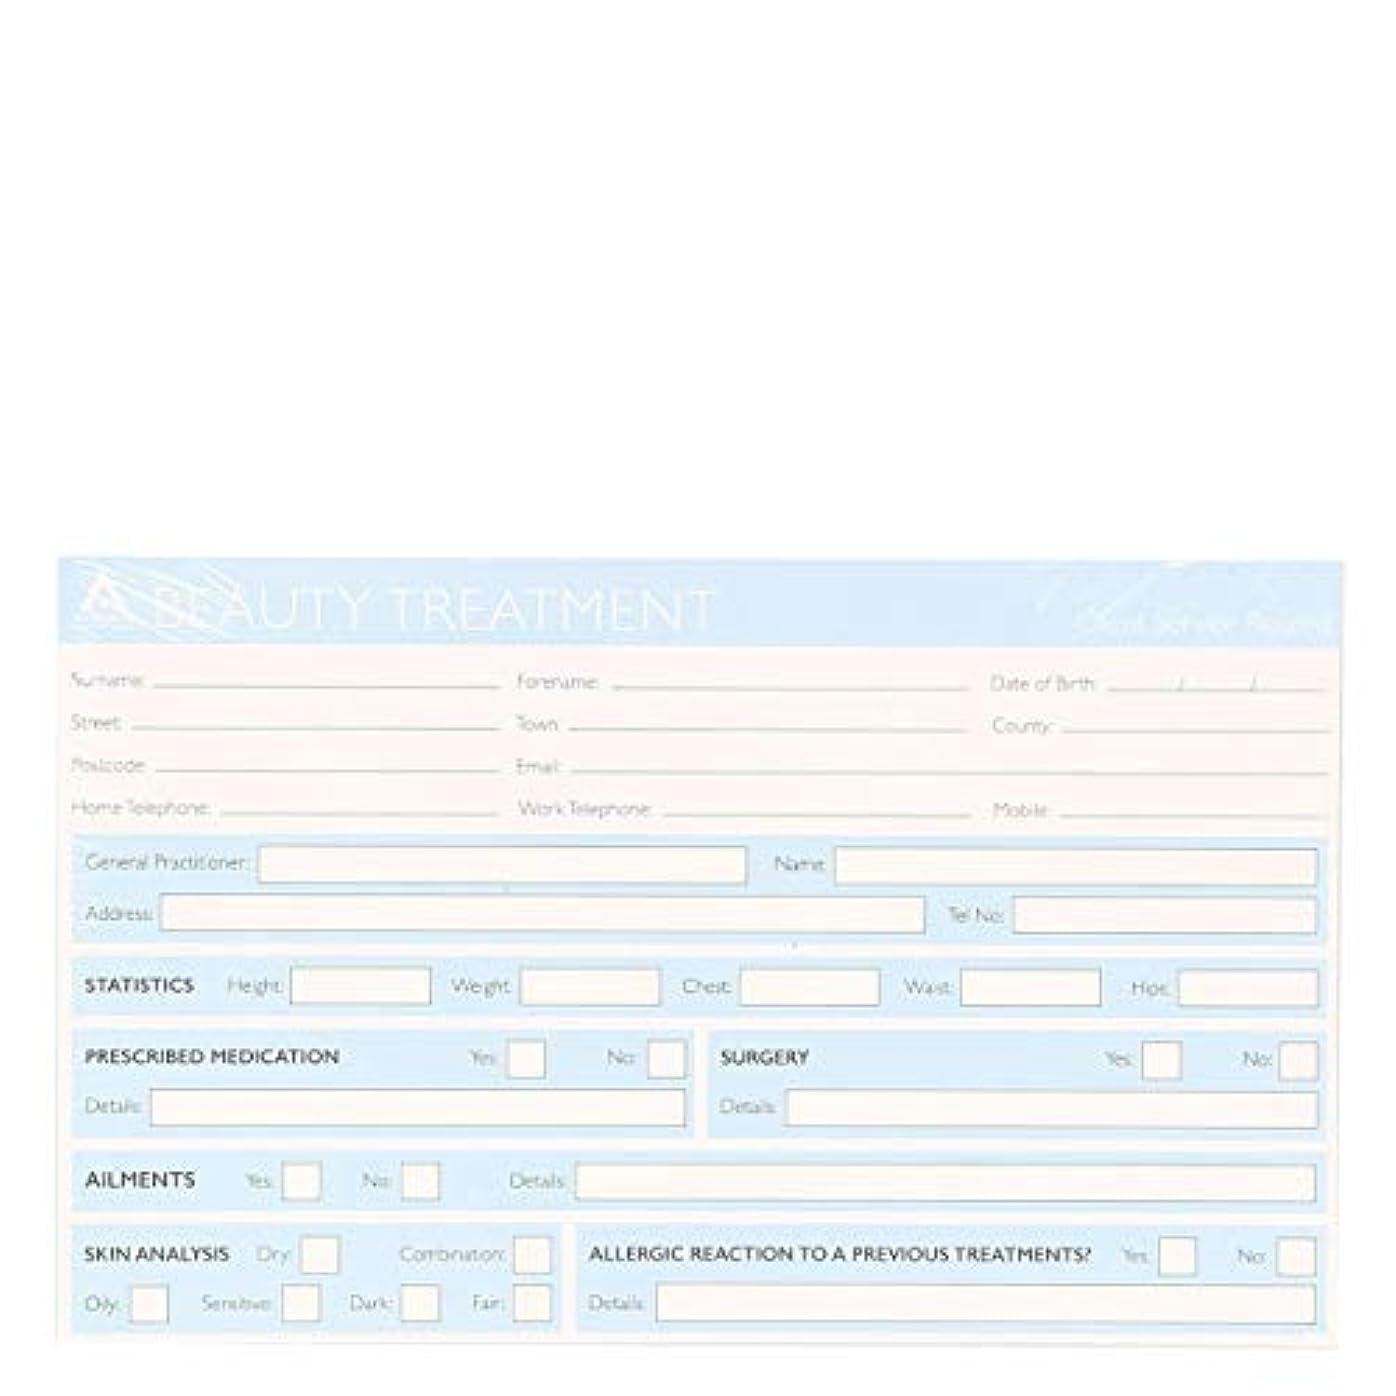 キャンセルウォーターフロント韻記録カード Record Cards- BEAUTY TREATMENT[海外直送品] [並行輸入品]